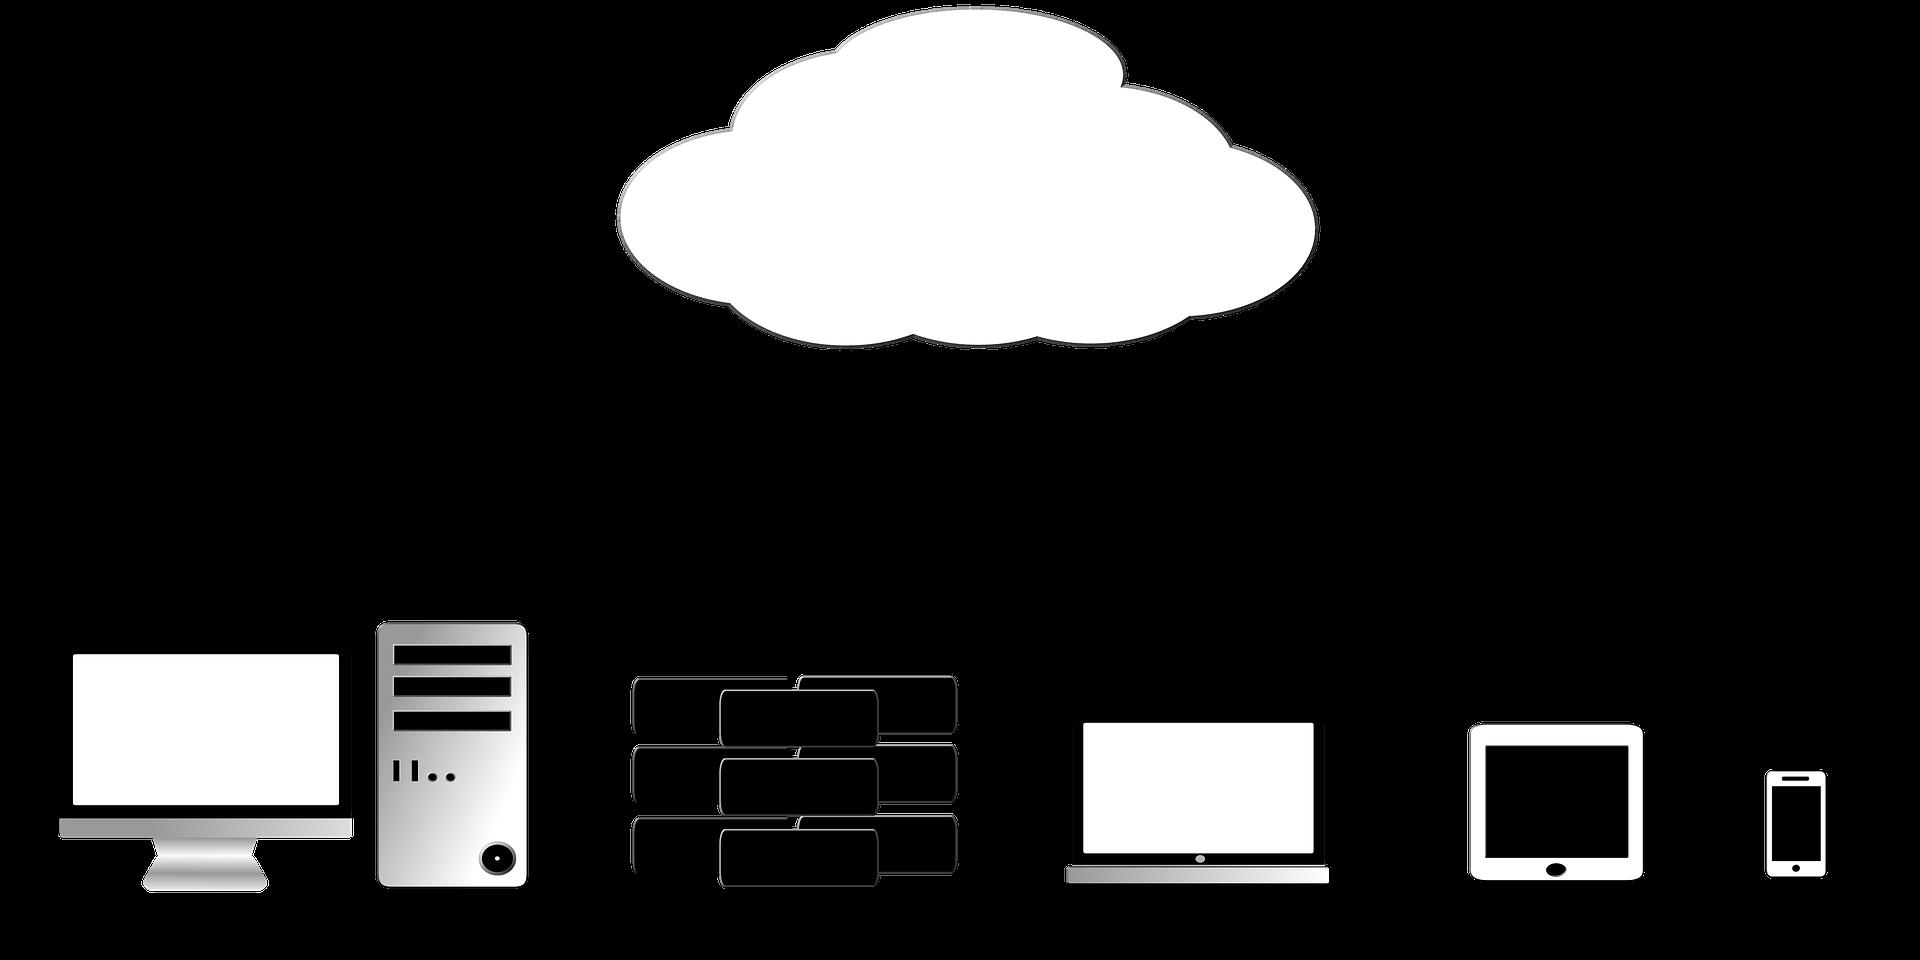 Юридичні гарантії збереження і захисту інформації у хмарному сховищі.